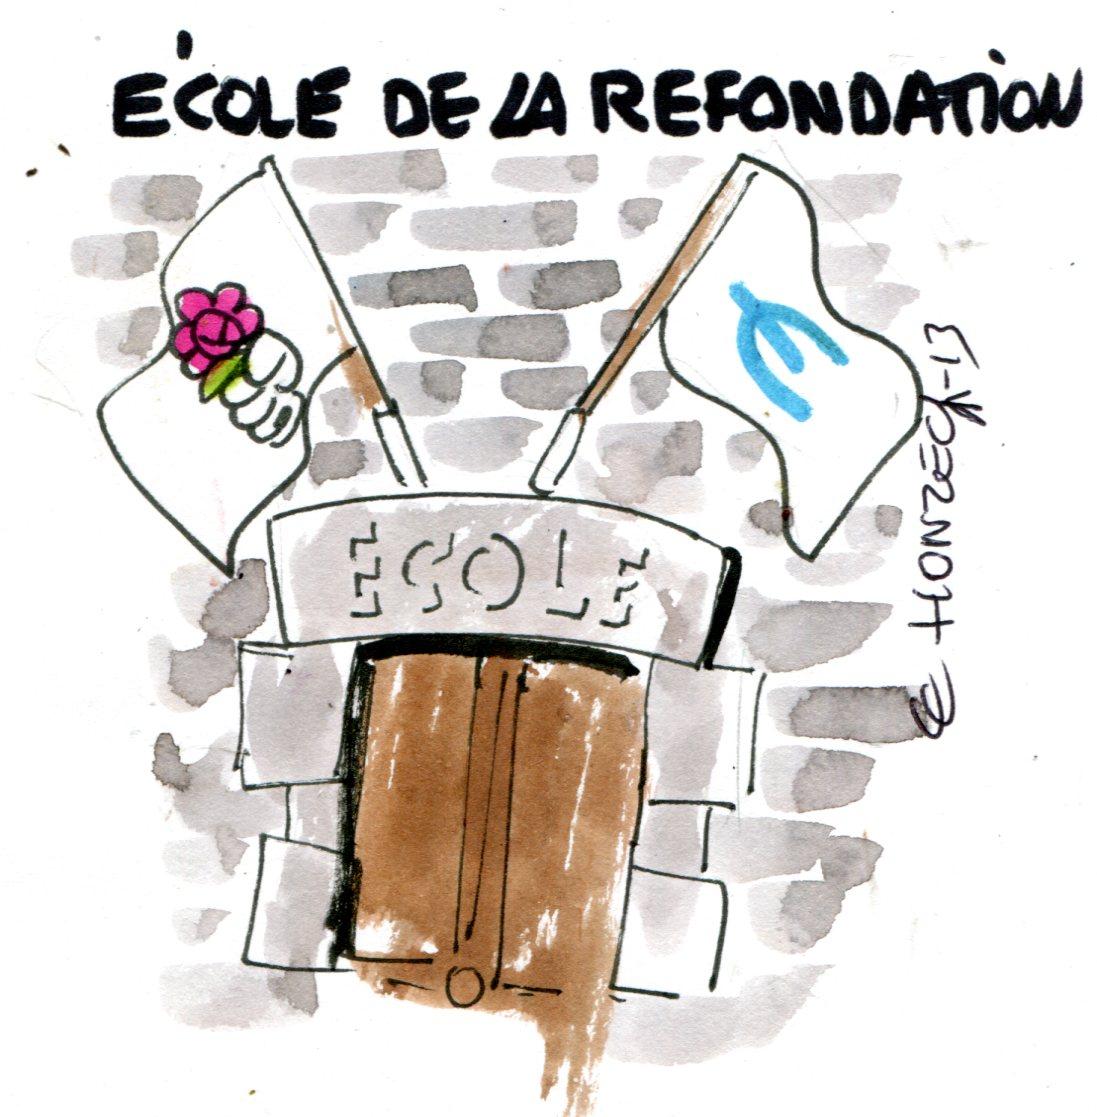 Refondation de l'école : le PS est-il en train de détourner 32 millions d'euros ?